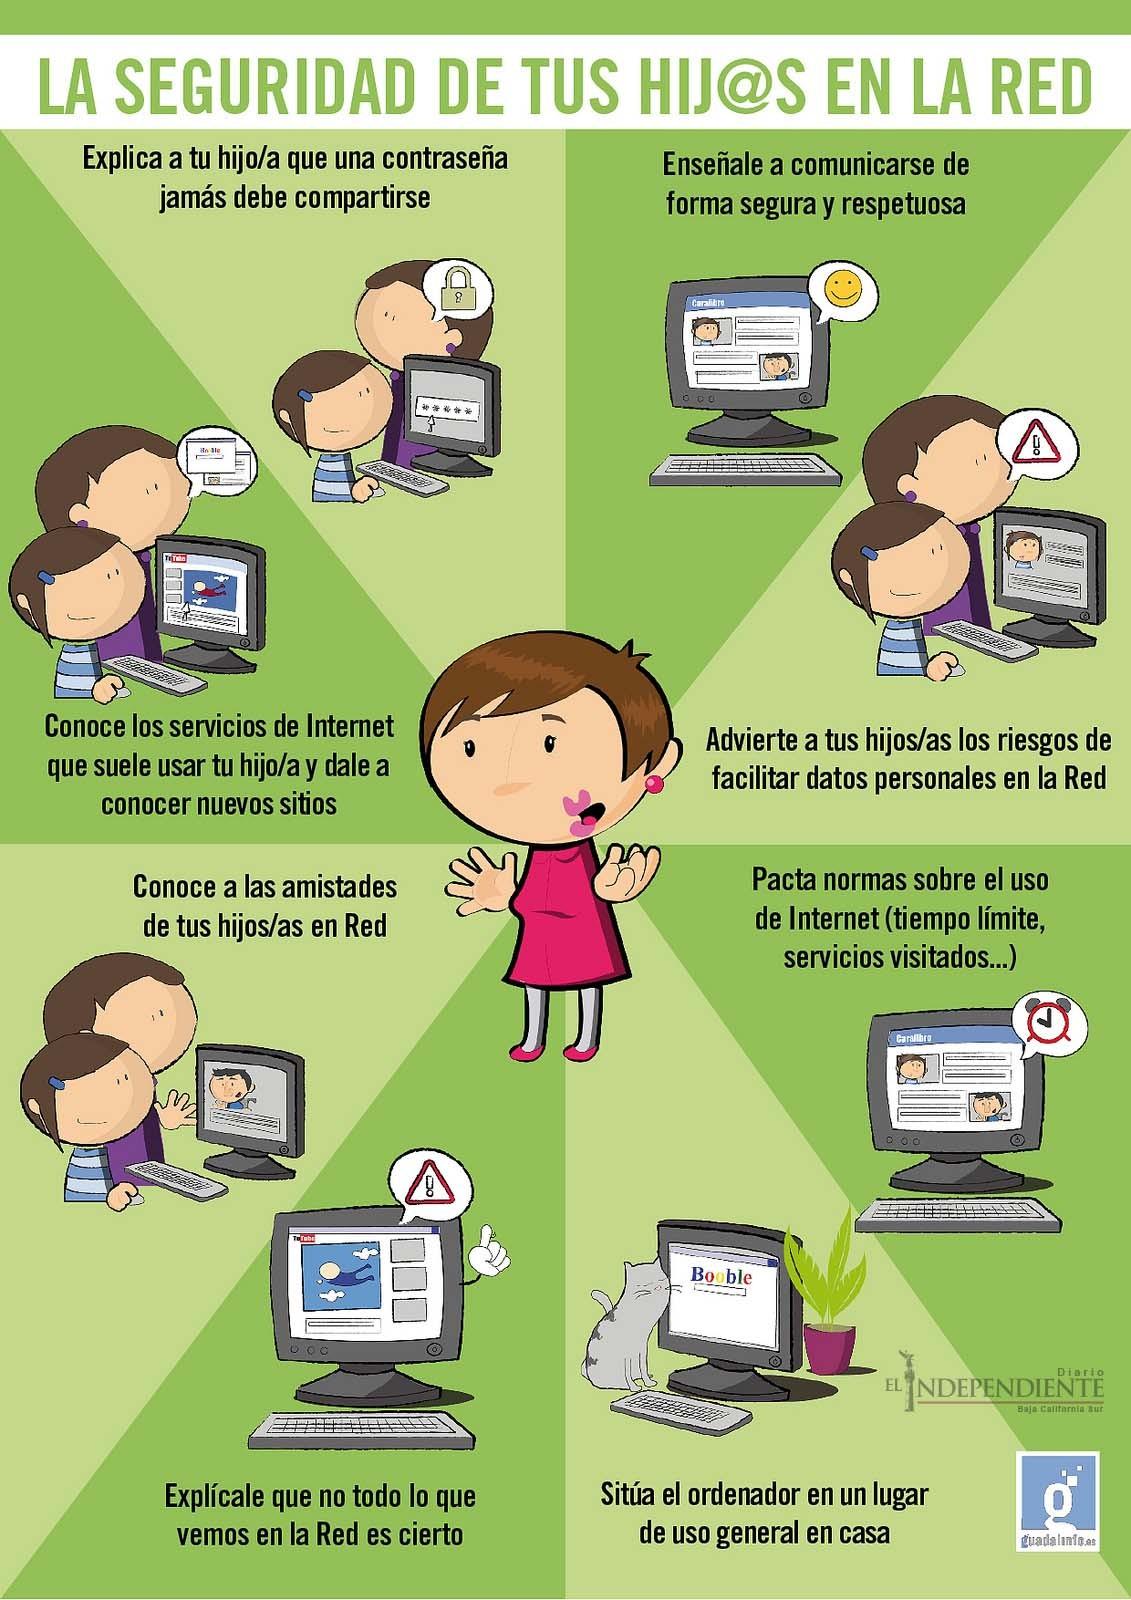 hijos en la red